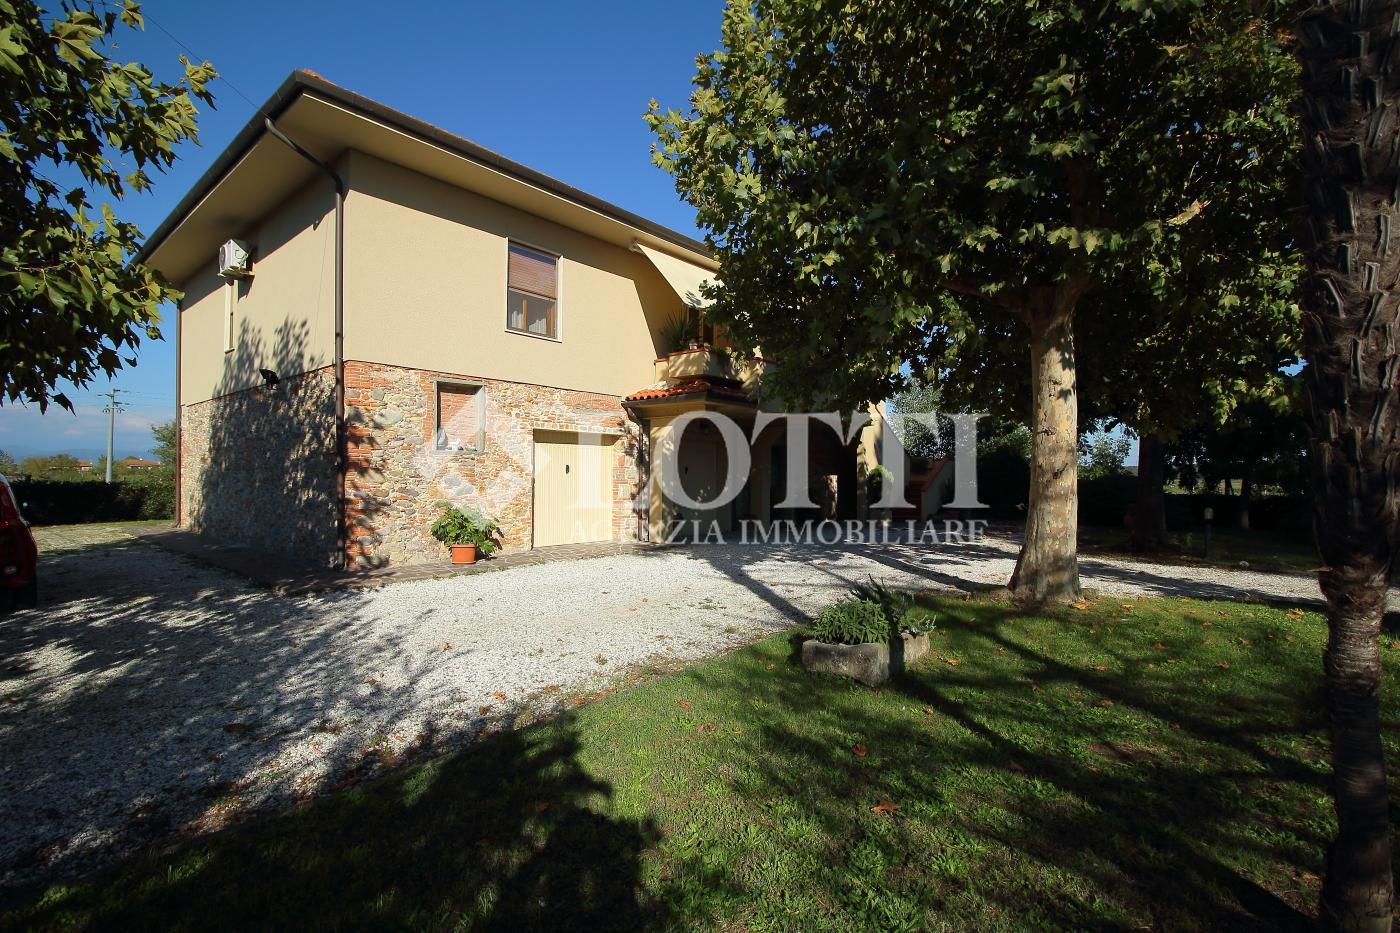 Casa singola in vendita a Puntone, Bientina (PI)